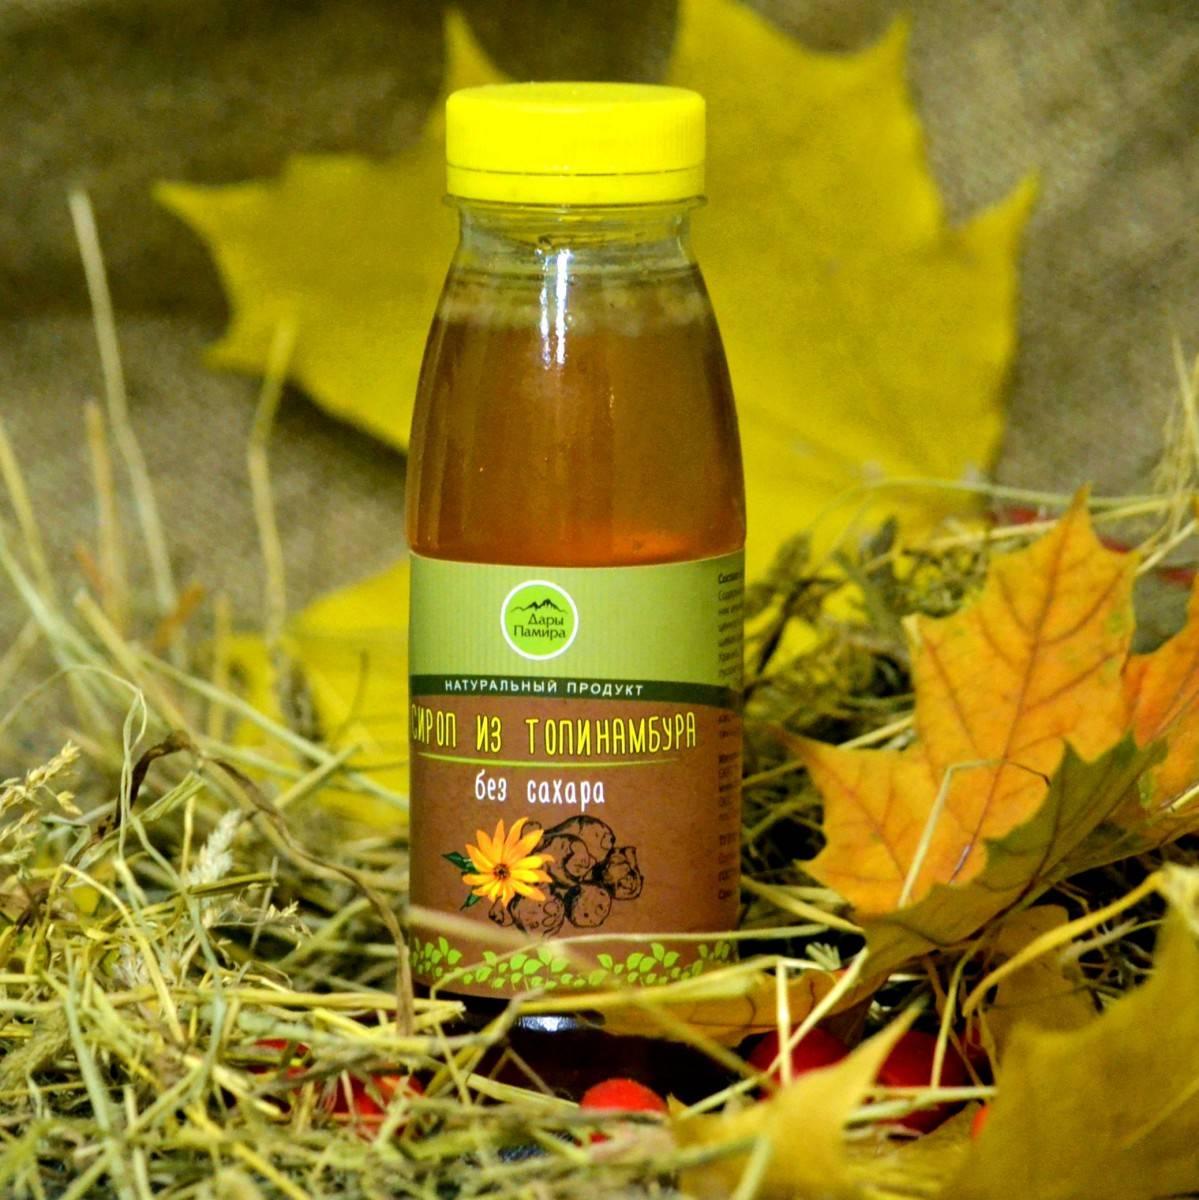 Сироп топинамбура: польза и вред чудесного напитка